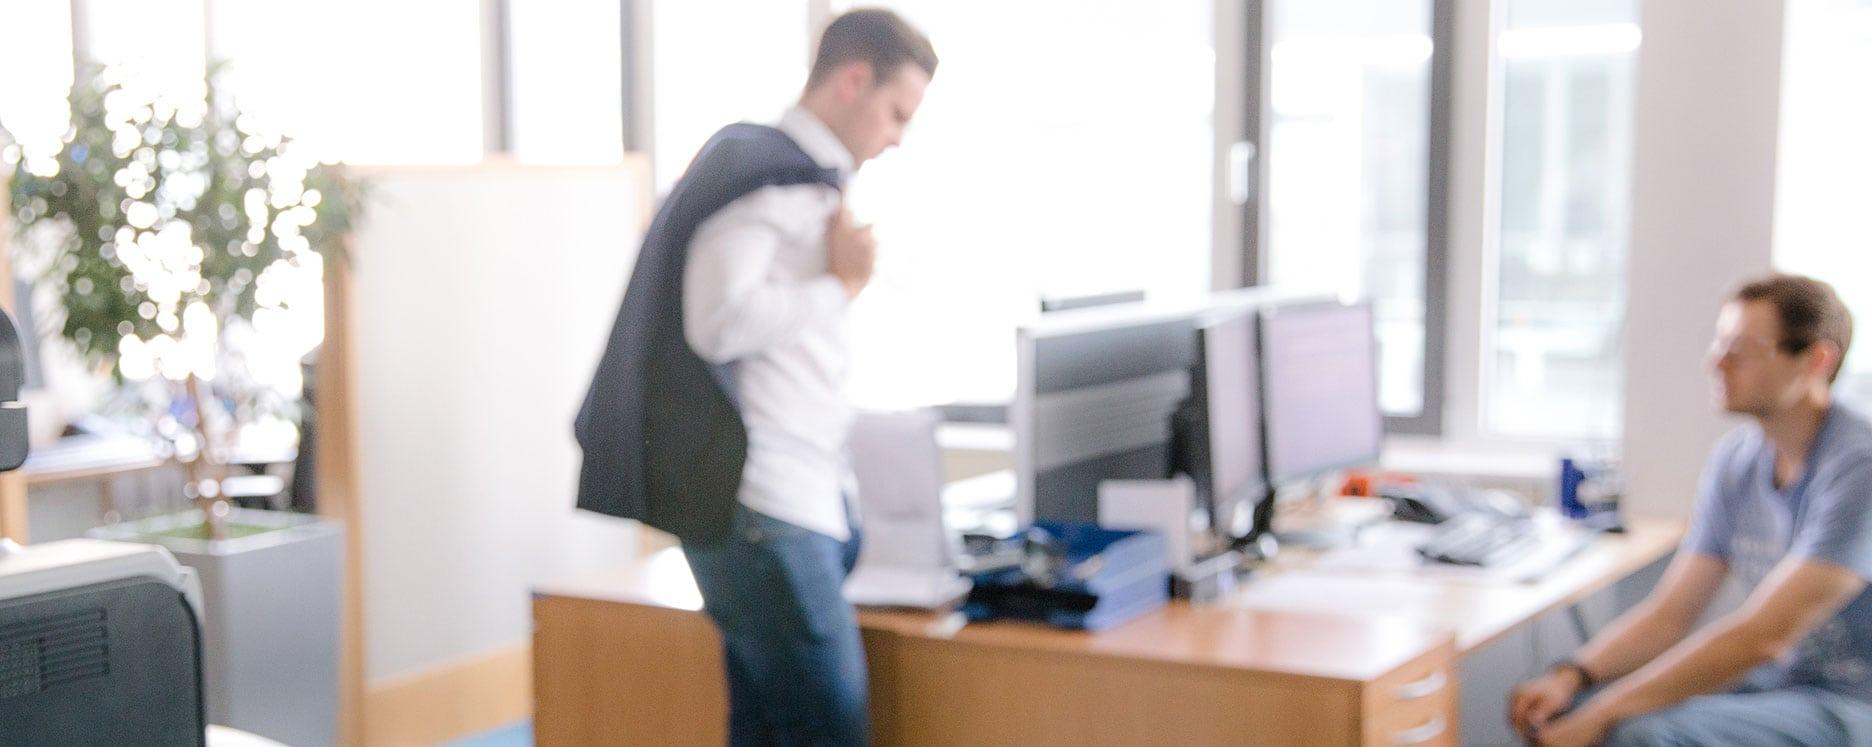 Hebe Deine Karriere auf den nächsten Level - die Stellenausschreibungen bei der Continum AG aus Freiburg.